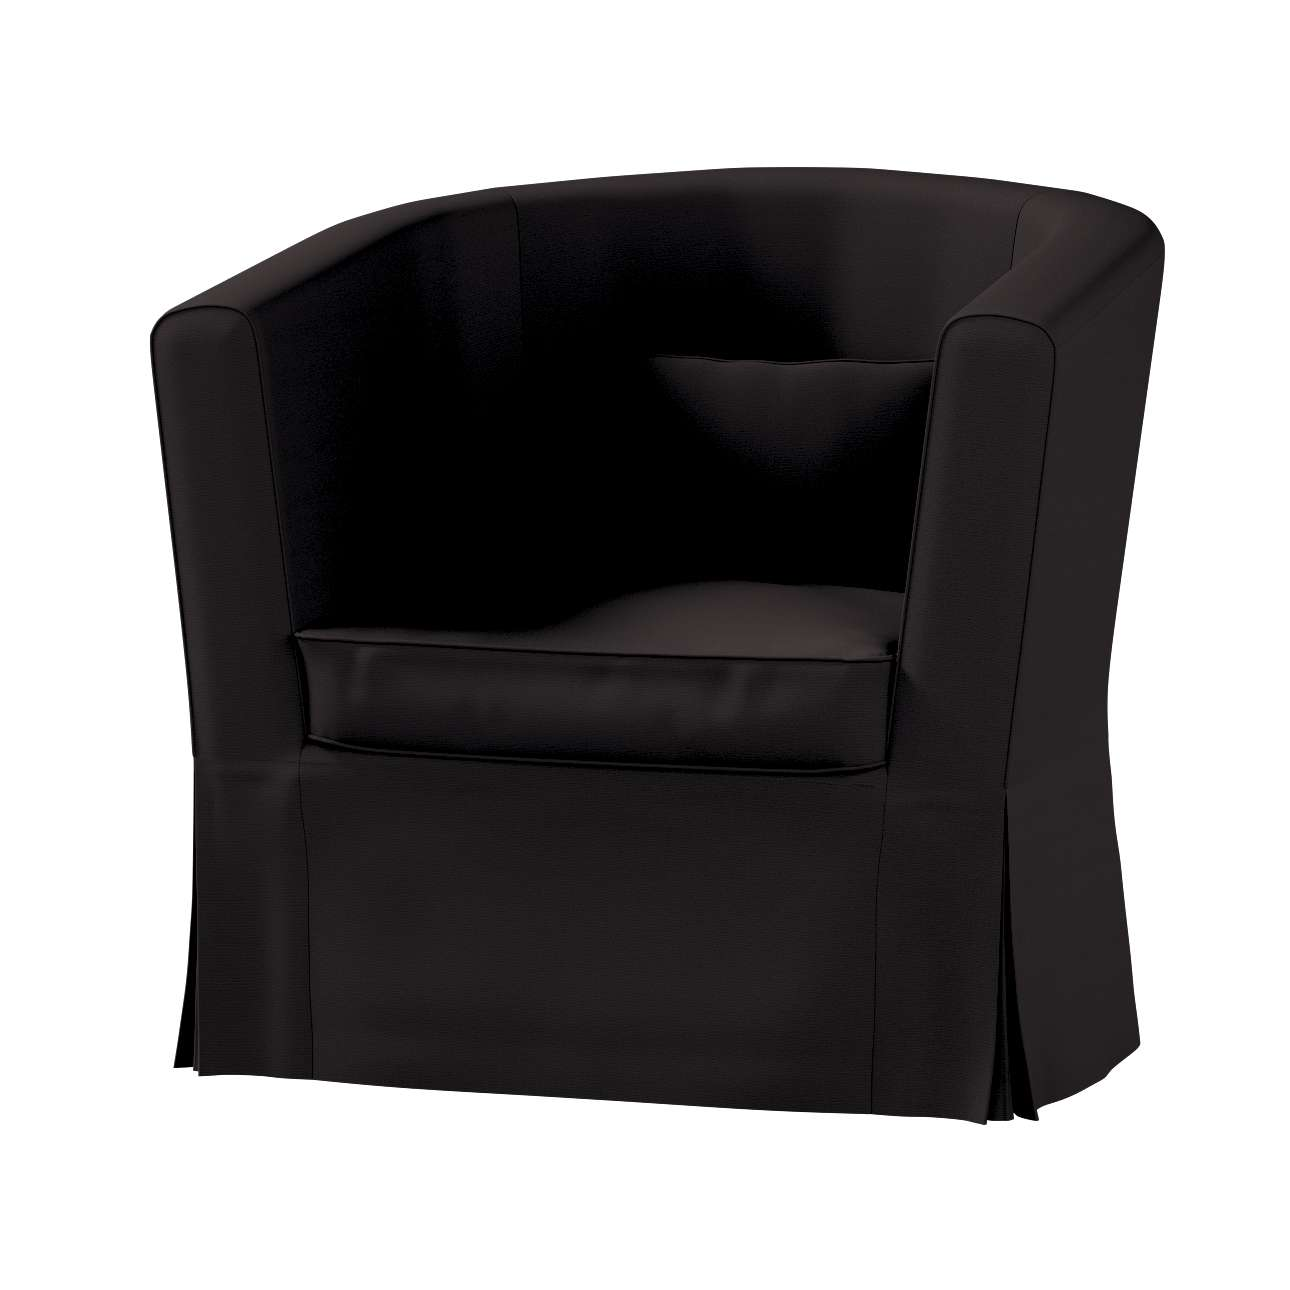 EKTORP TULLSTA fotelio užvalkalas Ektorp Tullsta fotelio užvalkalas kolekcijoje Cotton Panama, audinys: 702-09